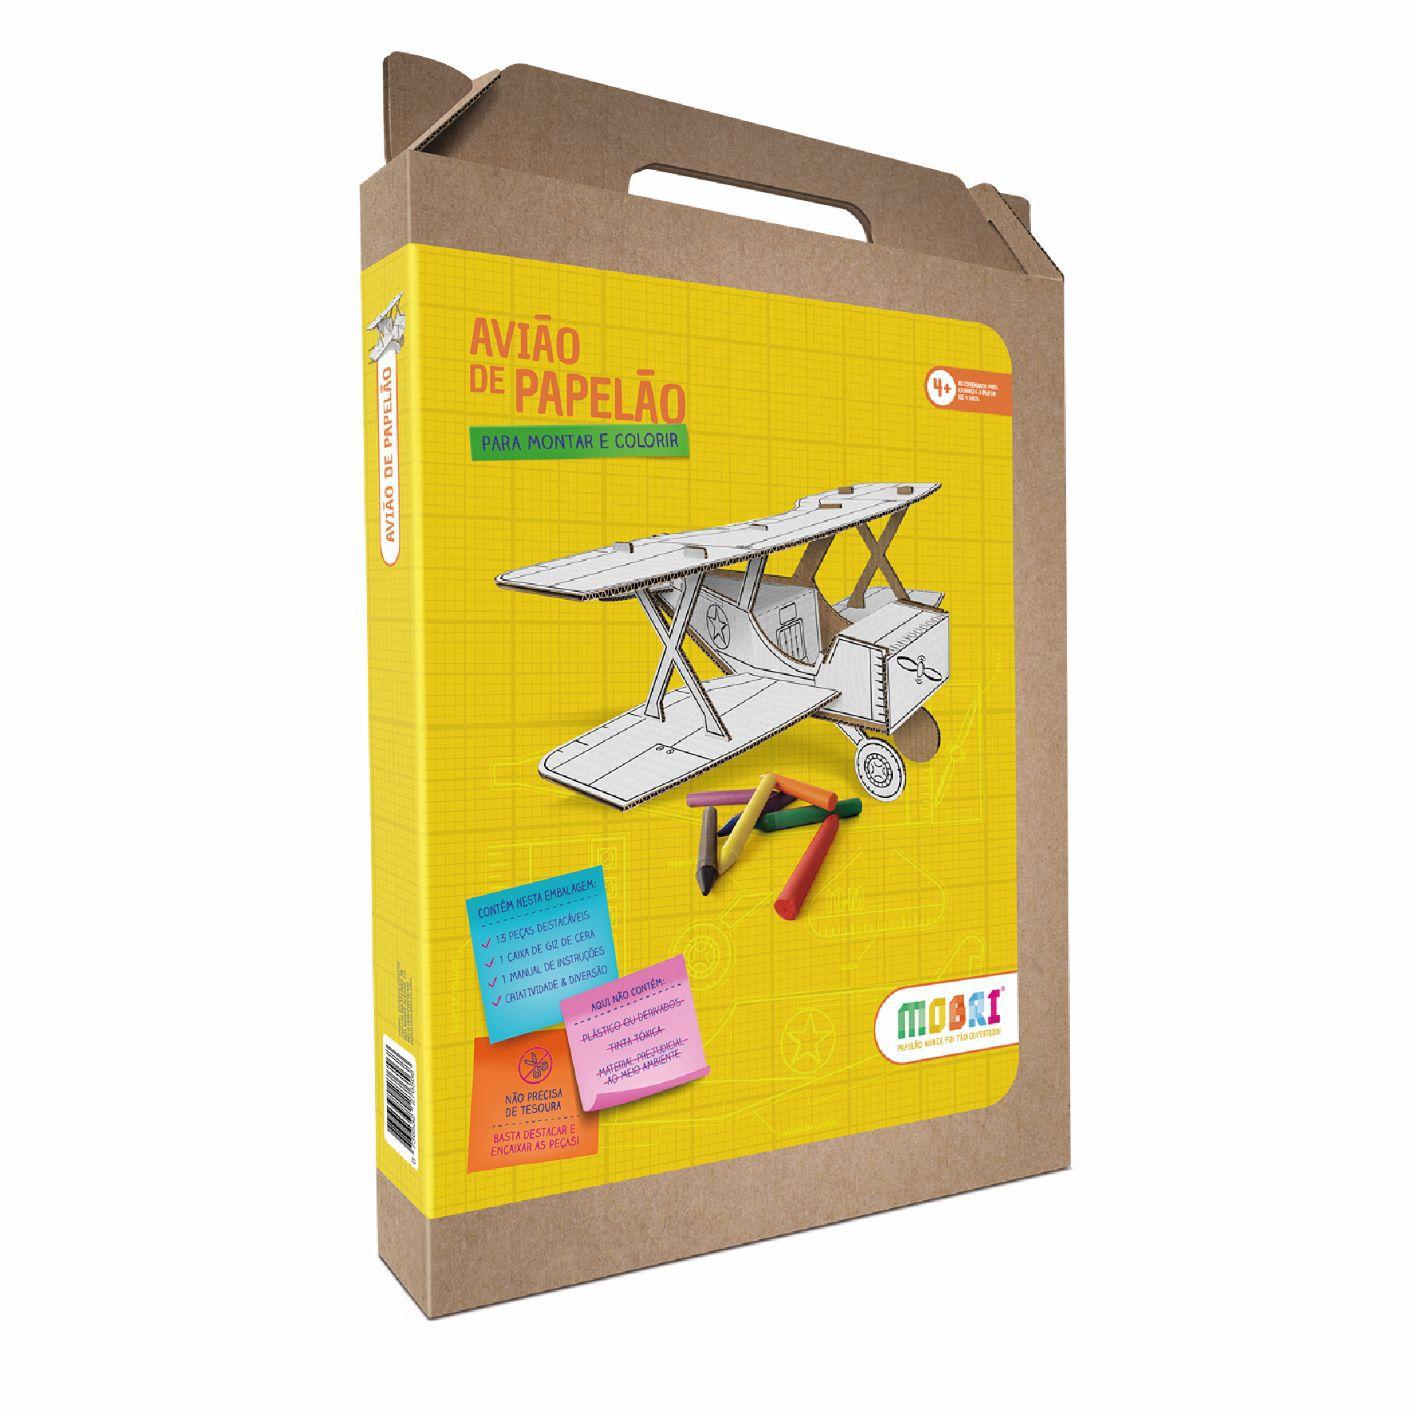 Avião de papelão para montar e colorir